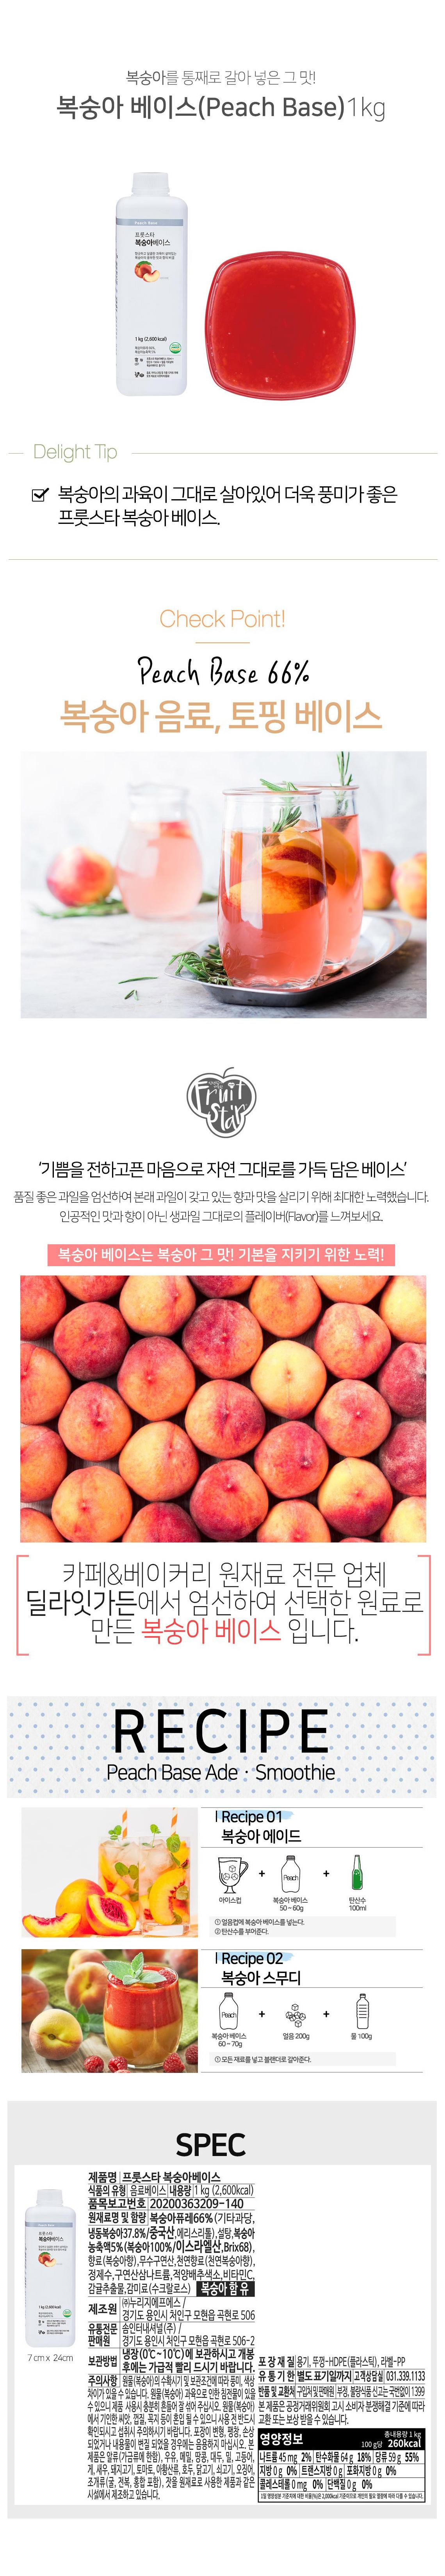 Peach_Base